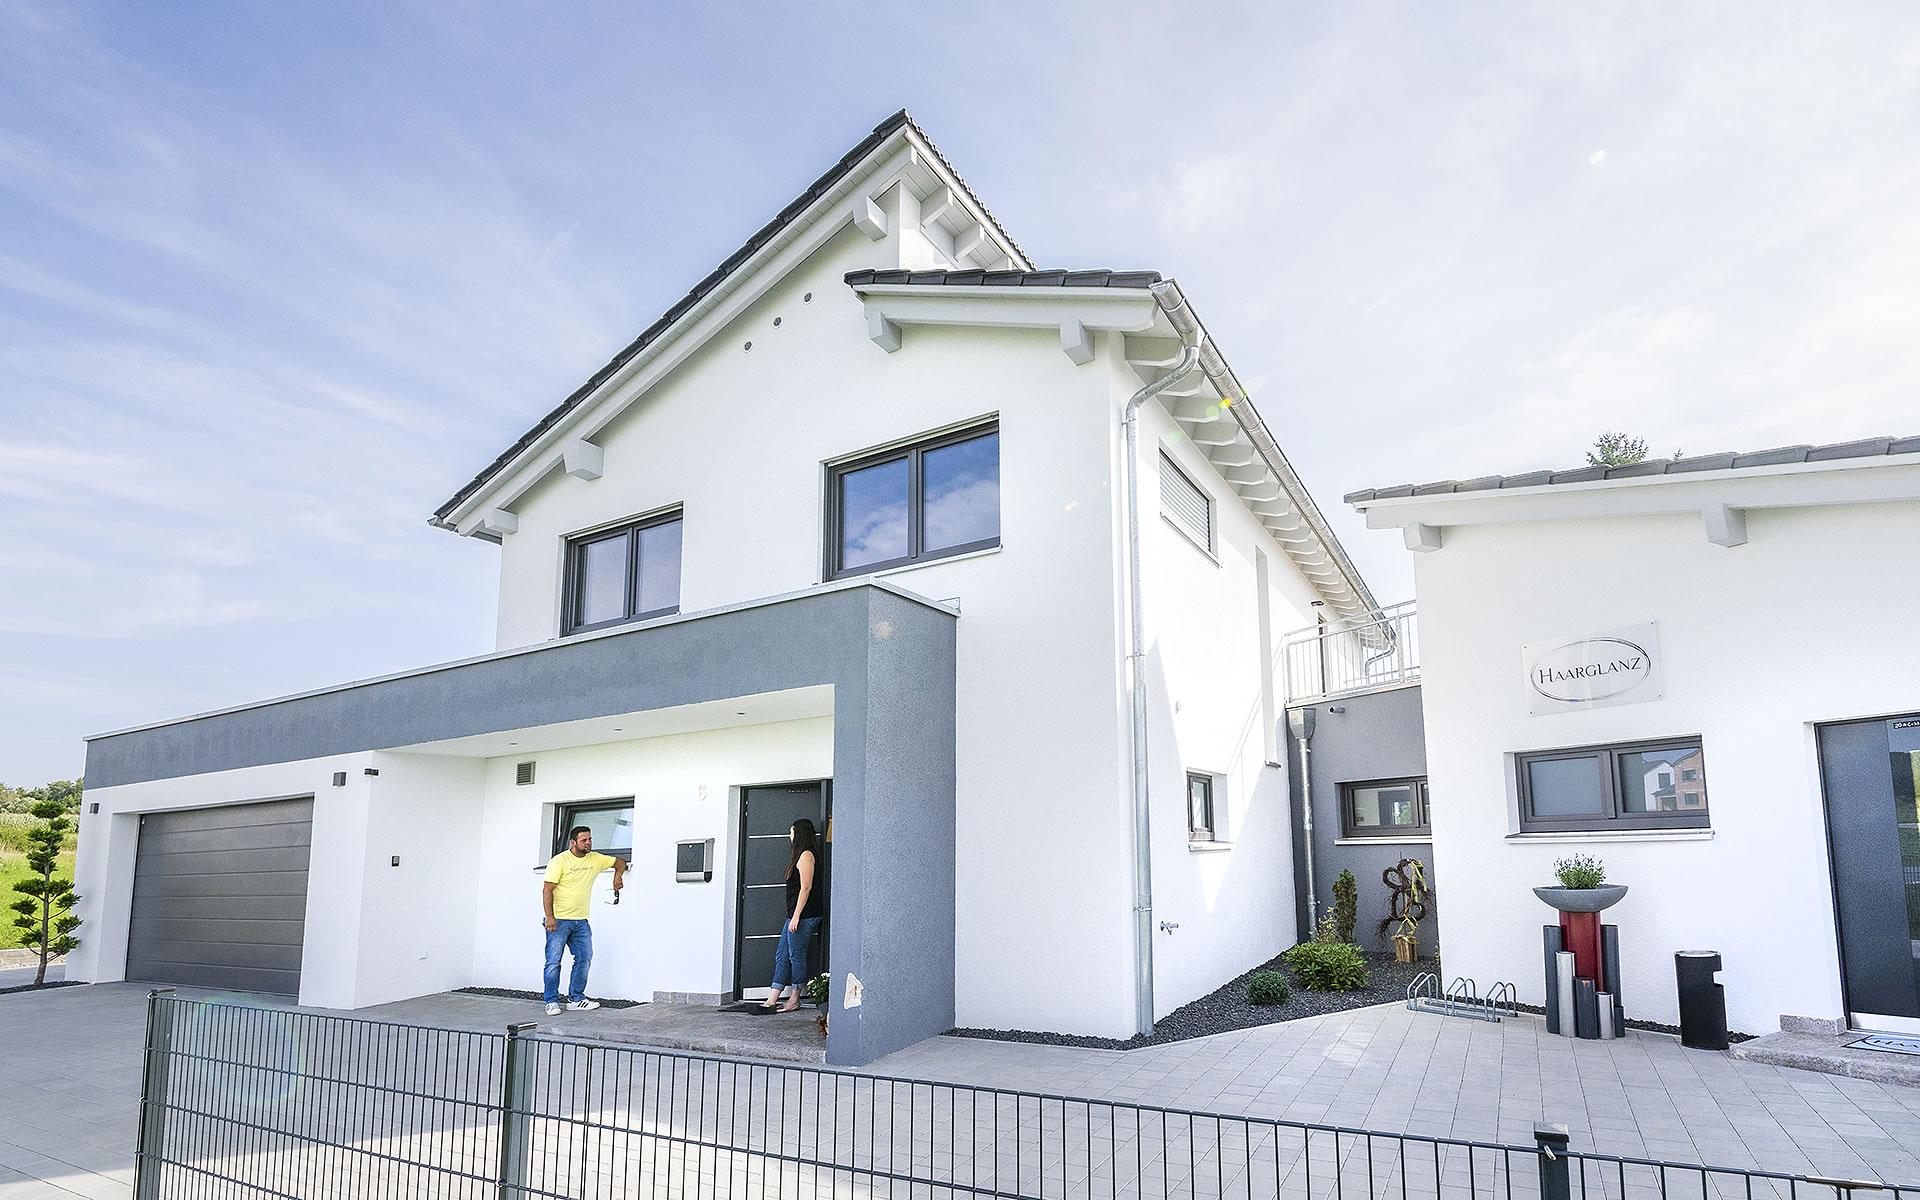 Modern 240 von FischerHaus GmbH & Co. KG